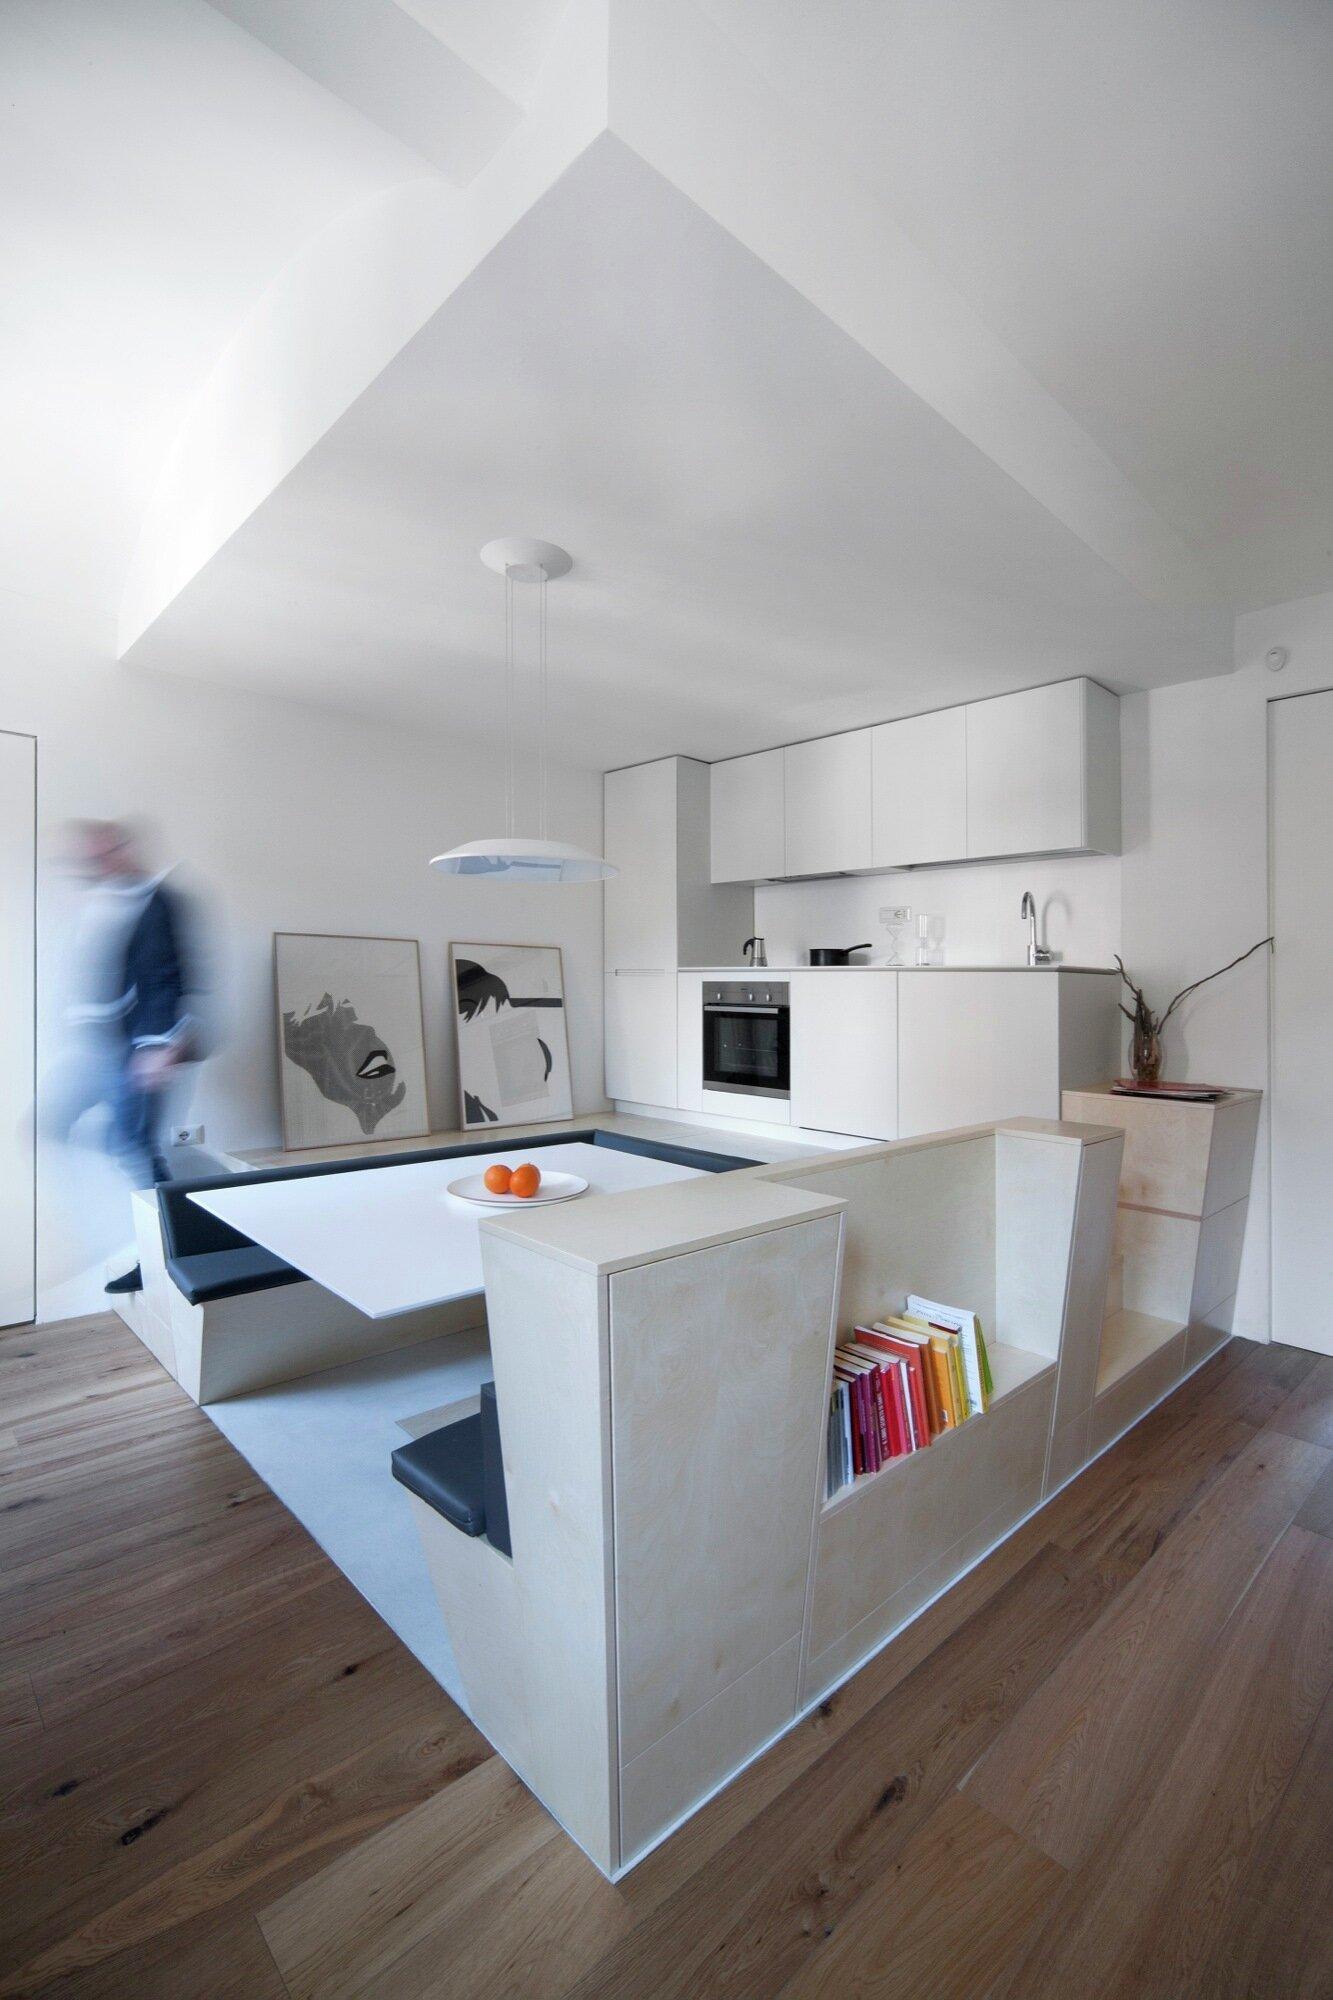 FERMI - BLA Ufficio di Architettura - Italy - Kitchen Dining Area - Humble Homes